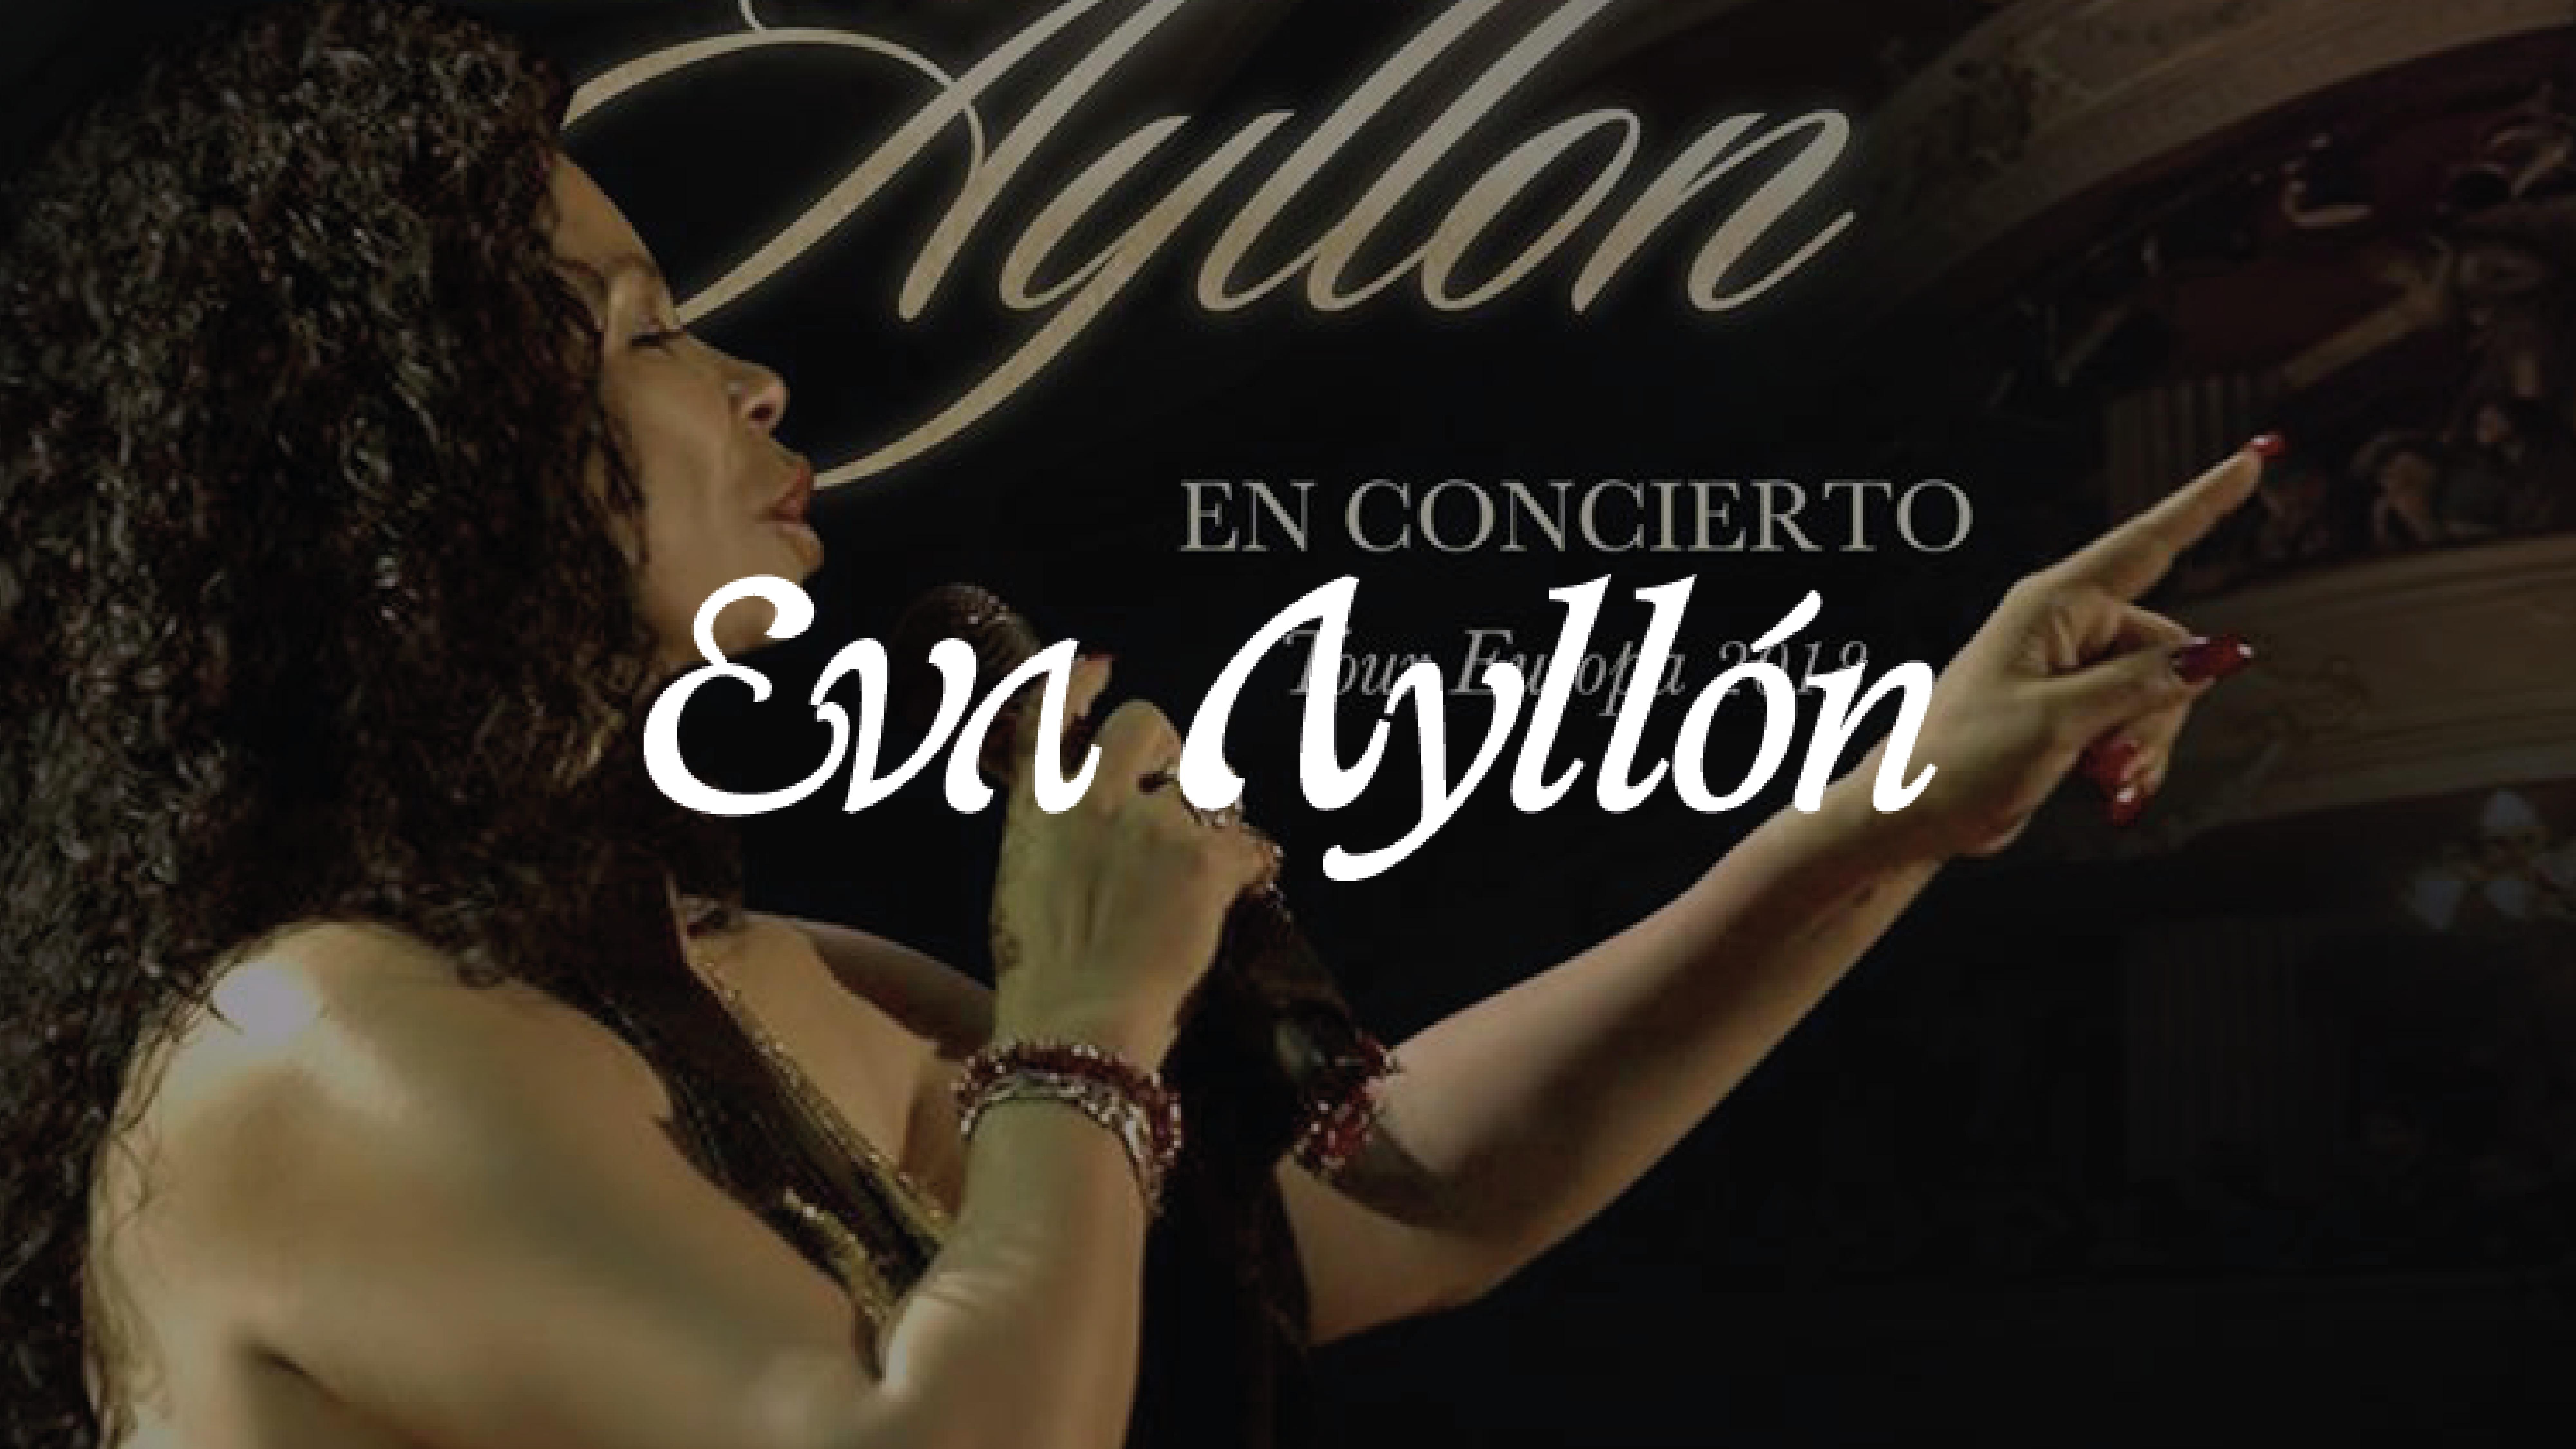 EVA AYLLÓN EN CONCIERTO